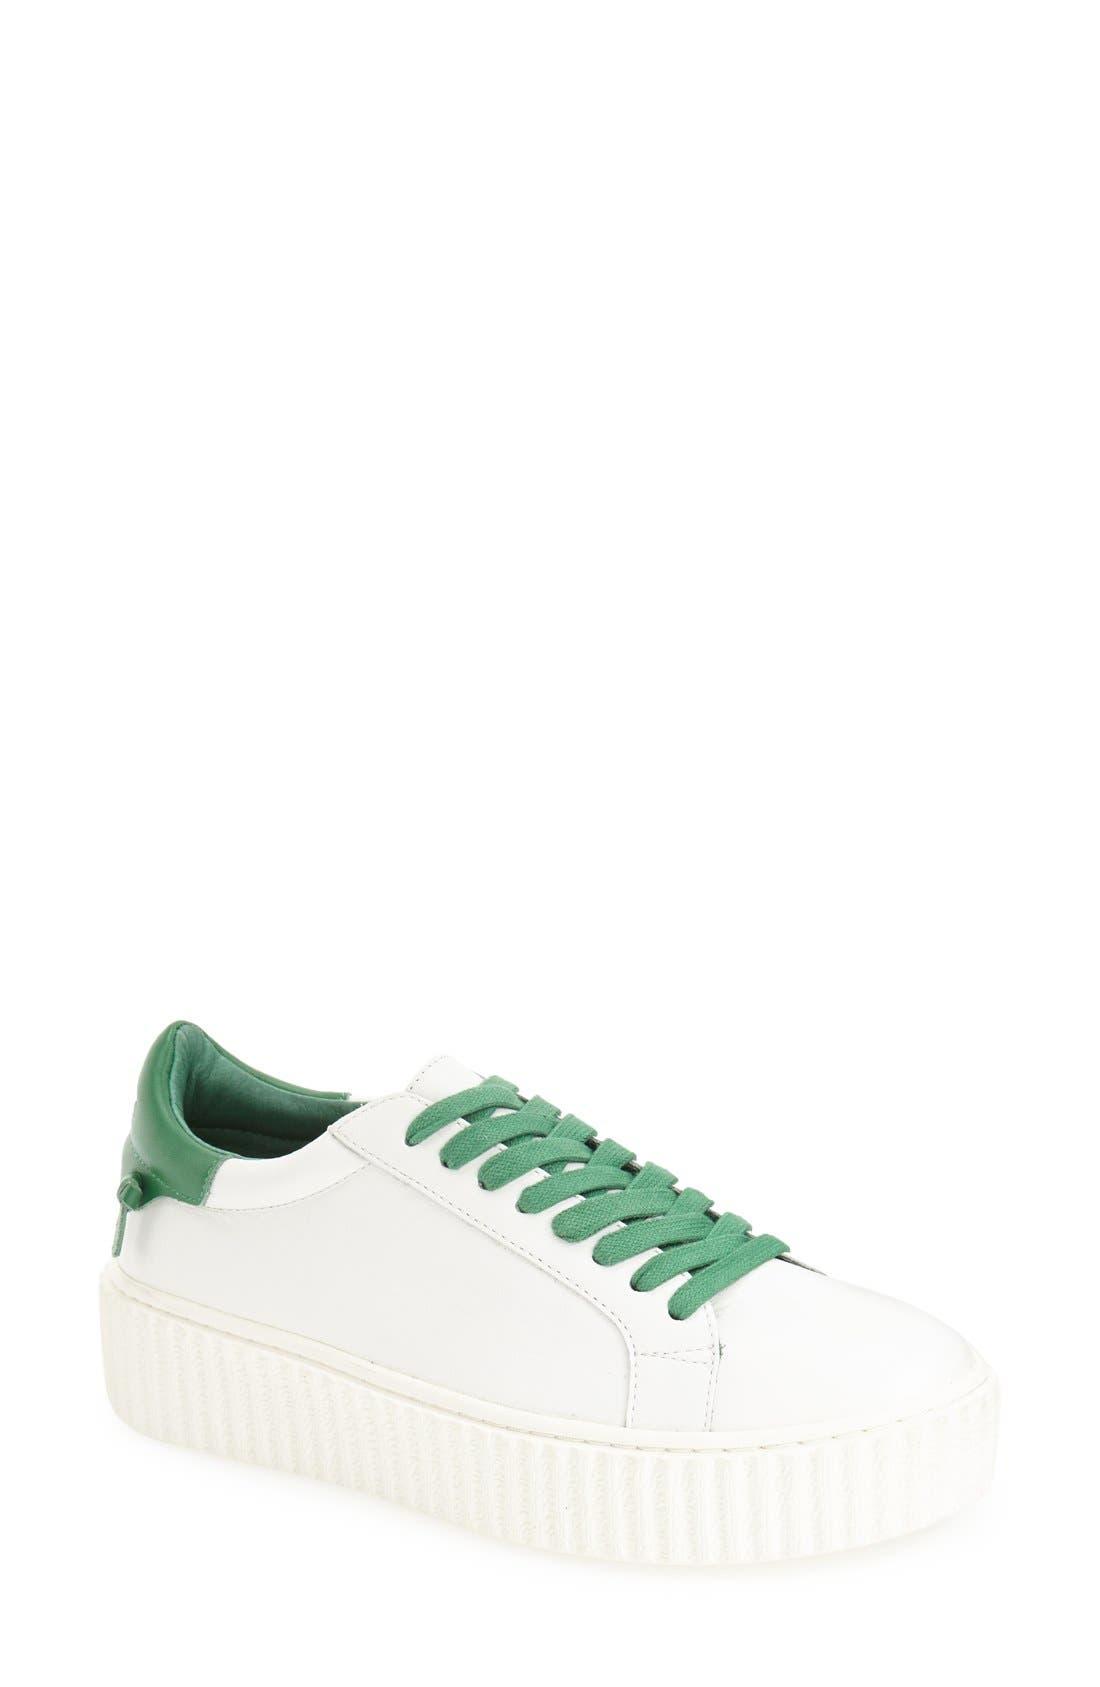 JSLIDES 'Parker' Platform Sneaker